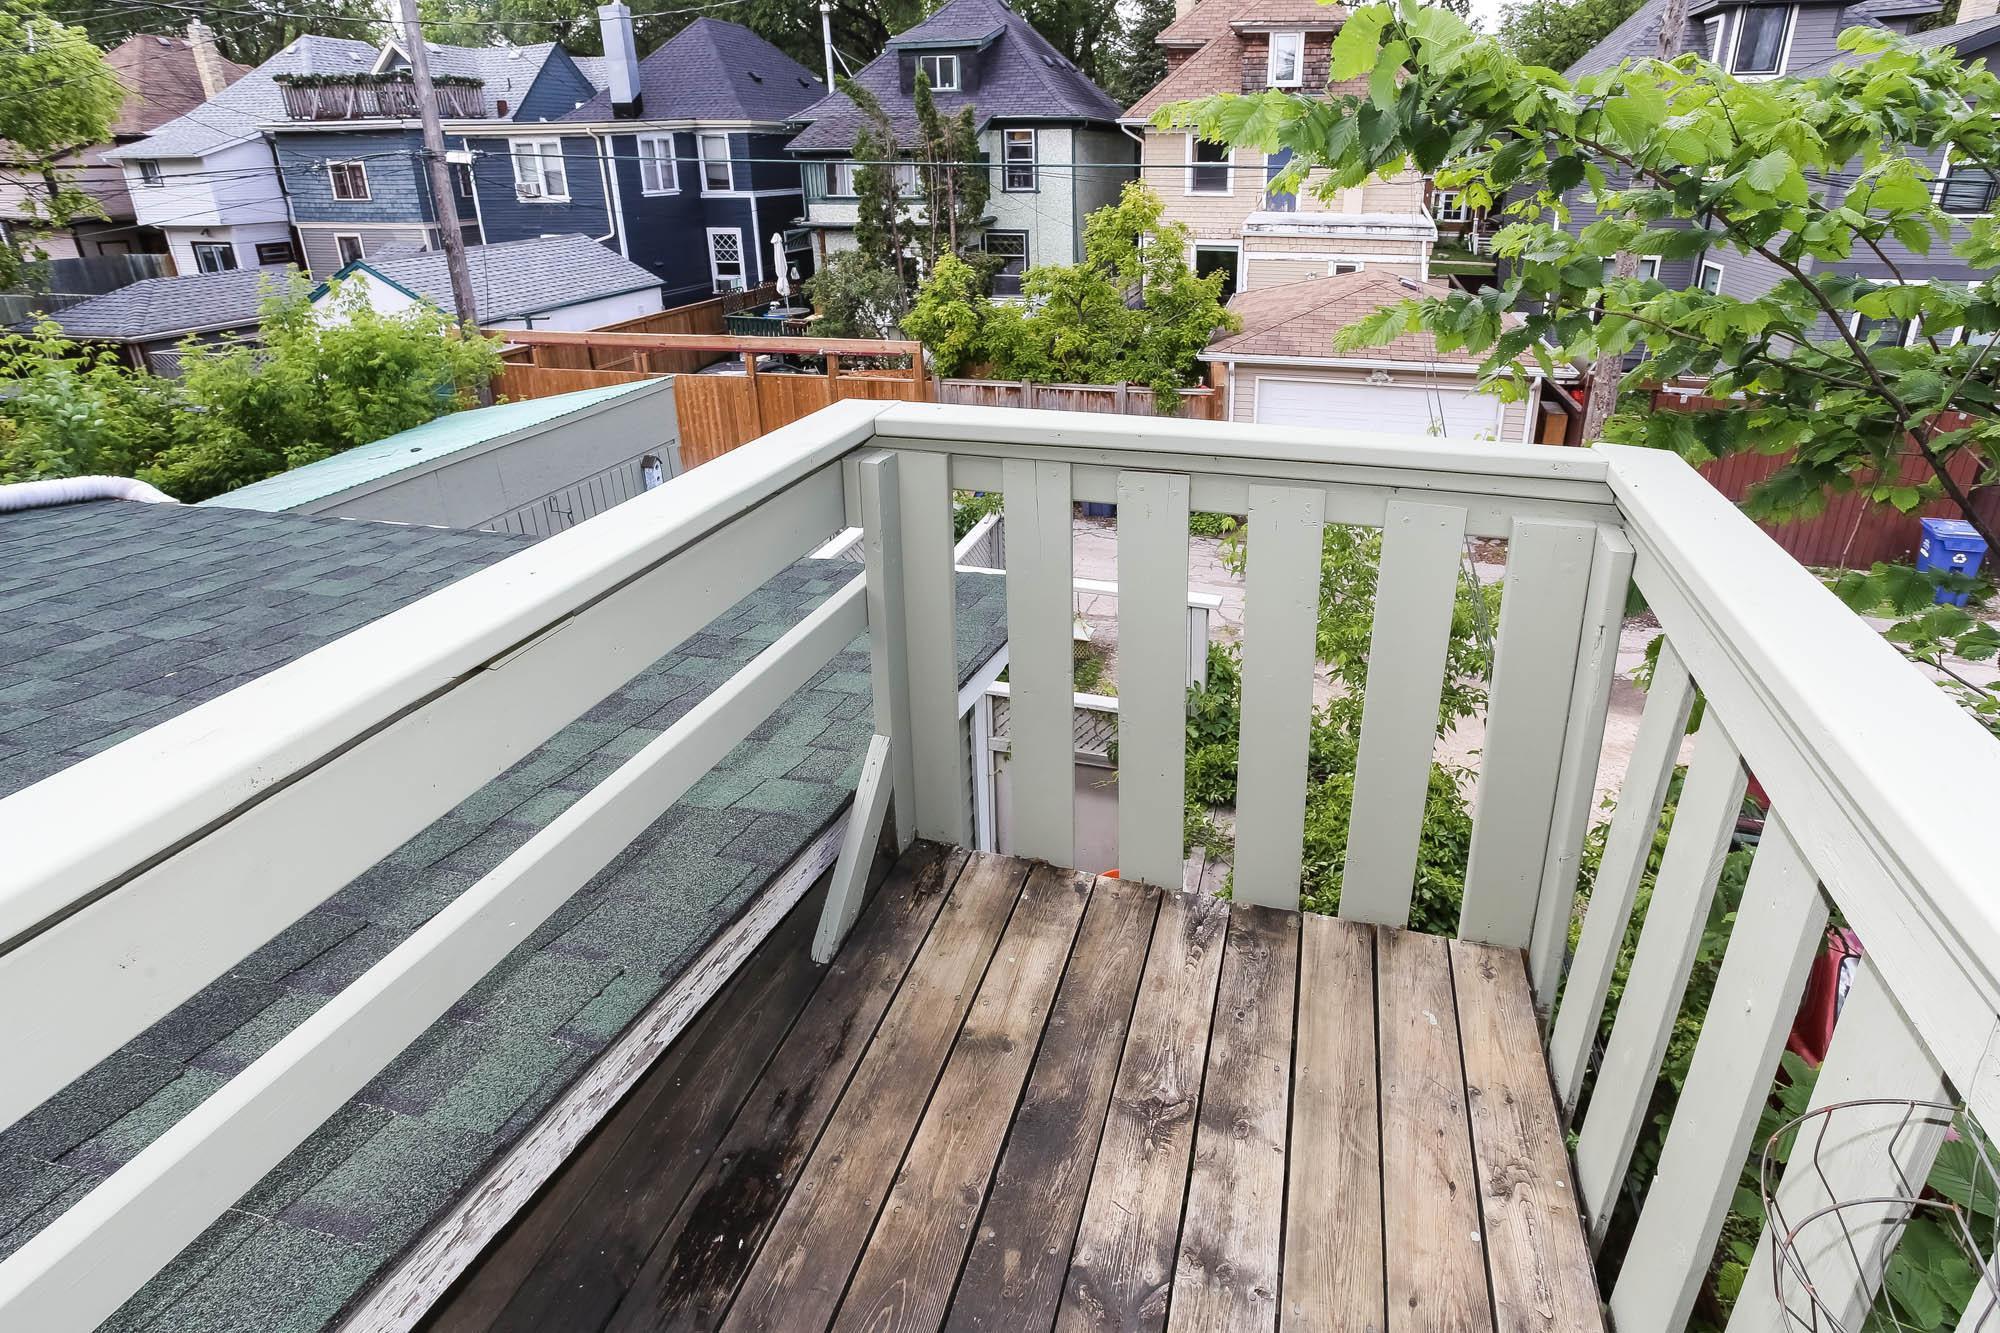 Photo 32: Photos: 108 LENORE Street in Winnipeg: Wolseley Single Family Detached for sale (5B)  : MLS®# 202013079